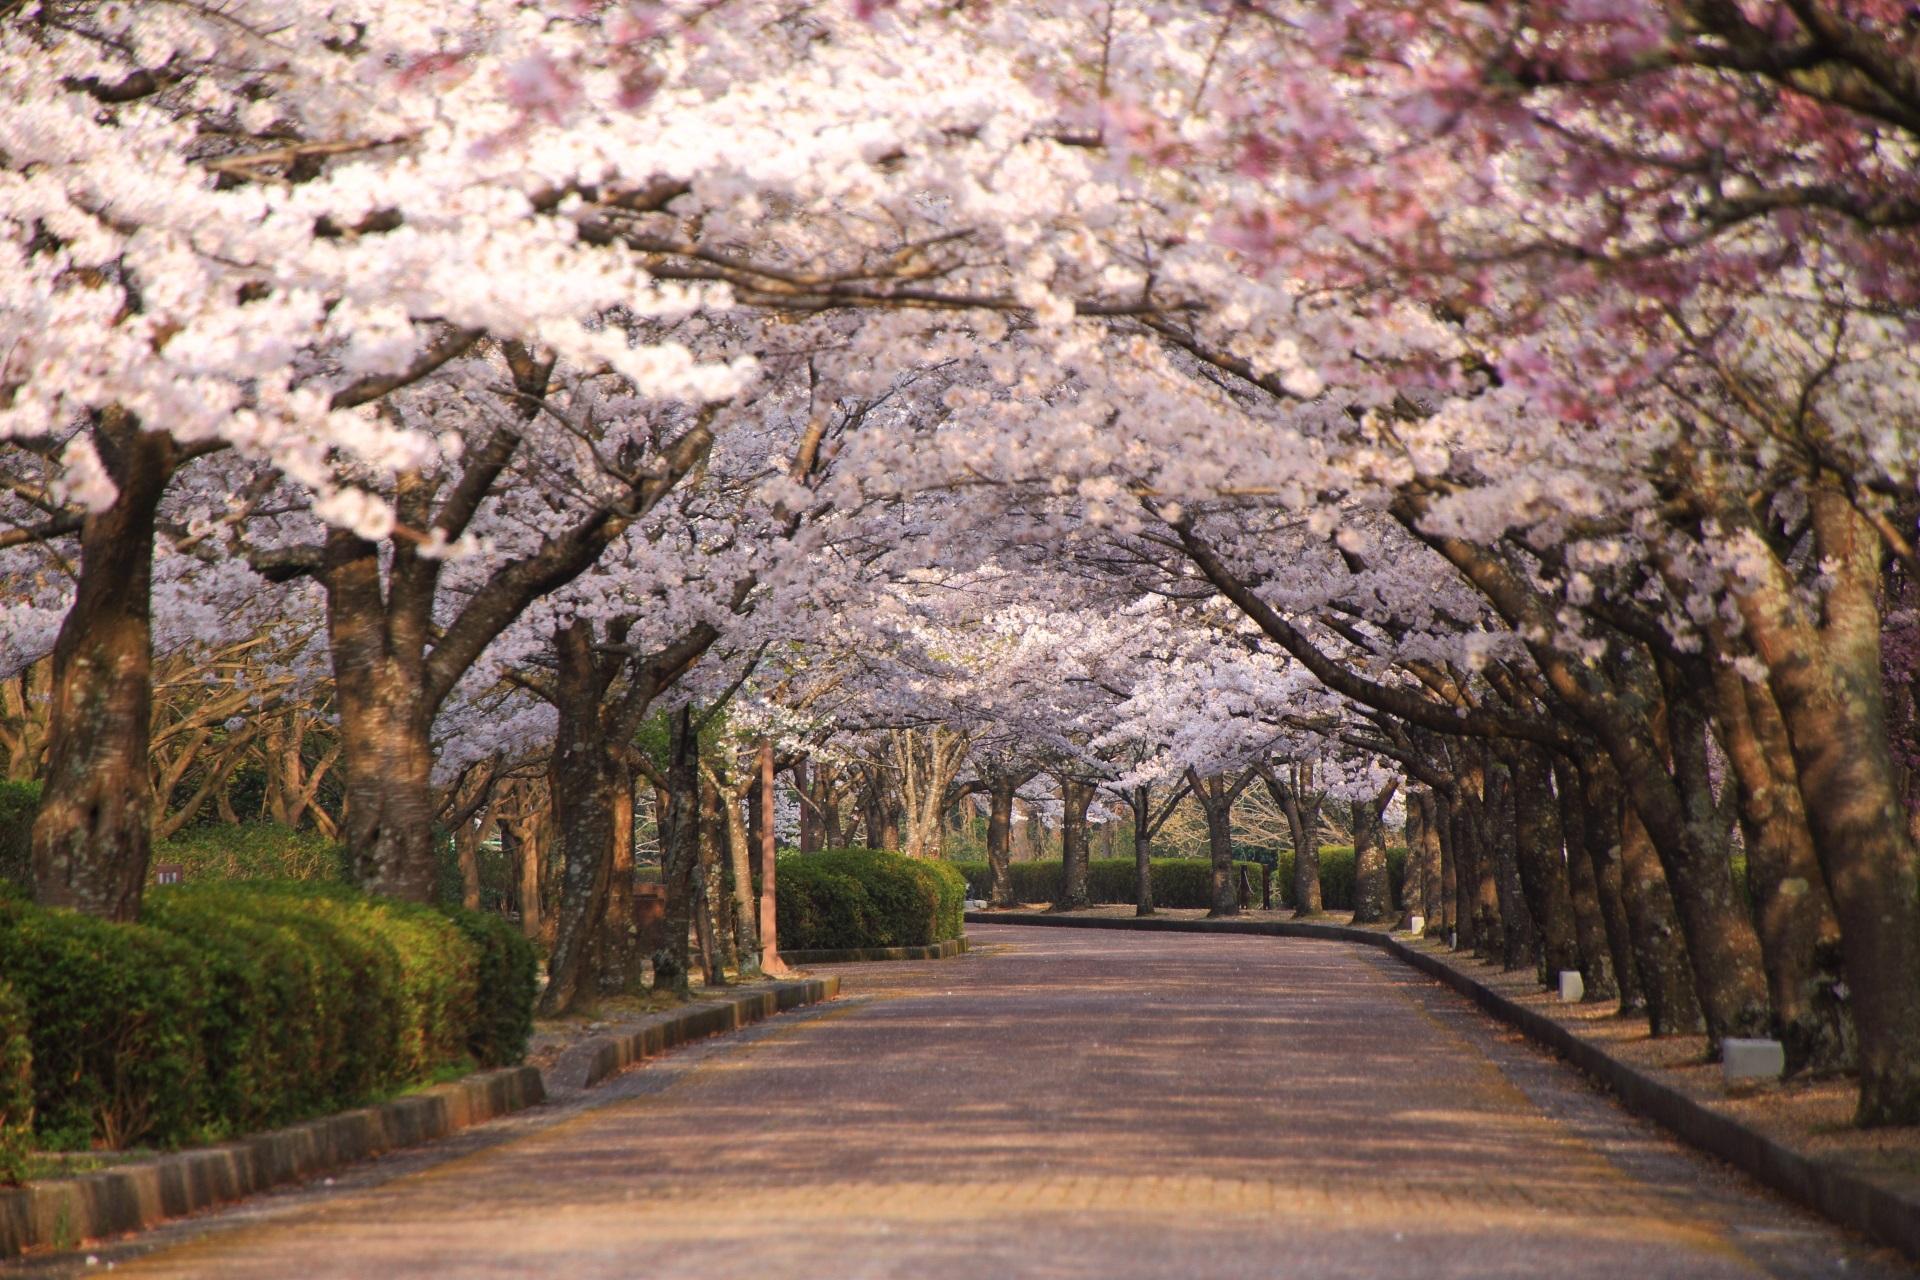 ところどころ緩いカーブを描く桜並木の和らぎの道